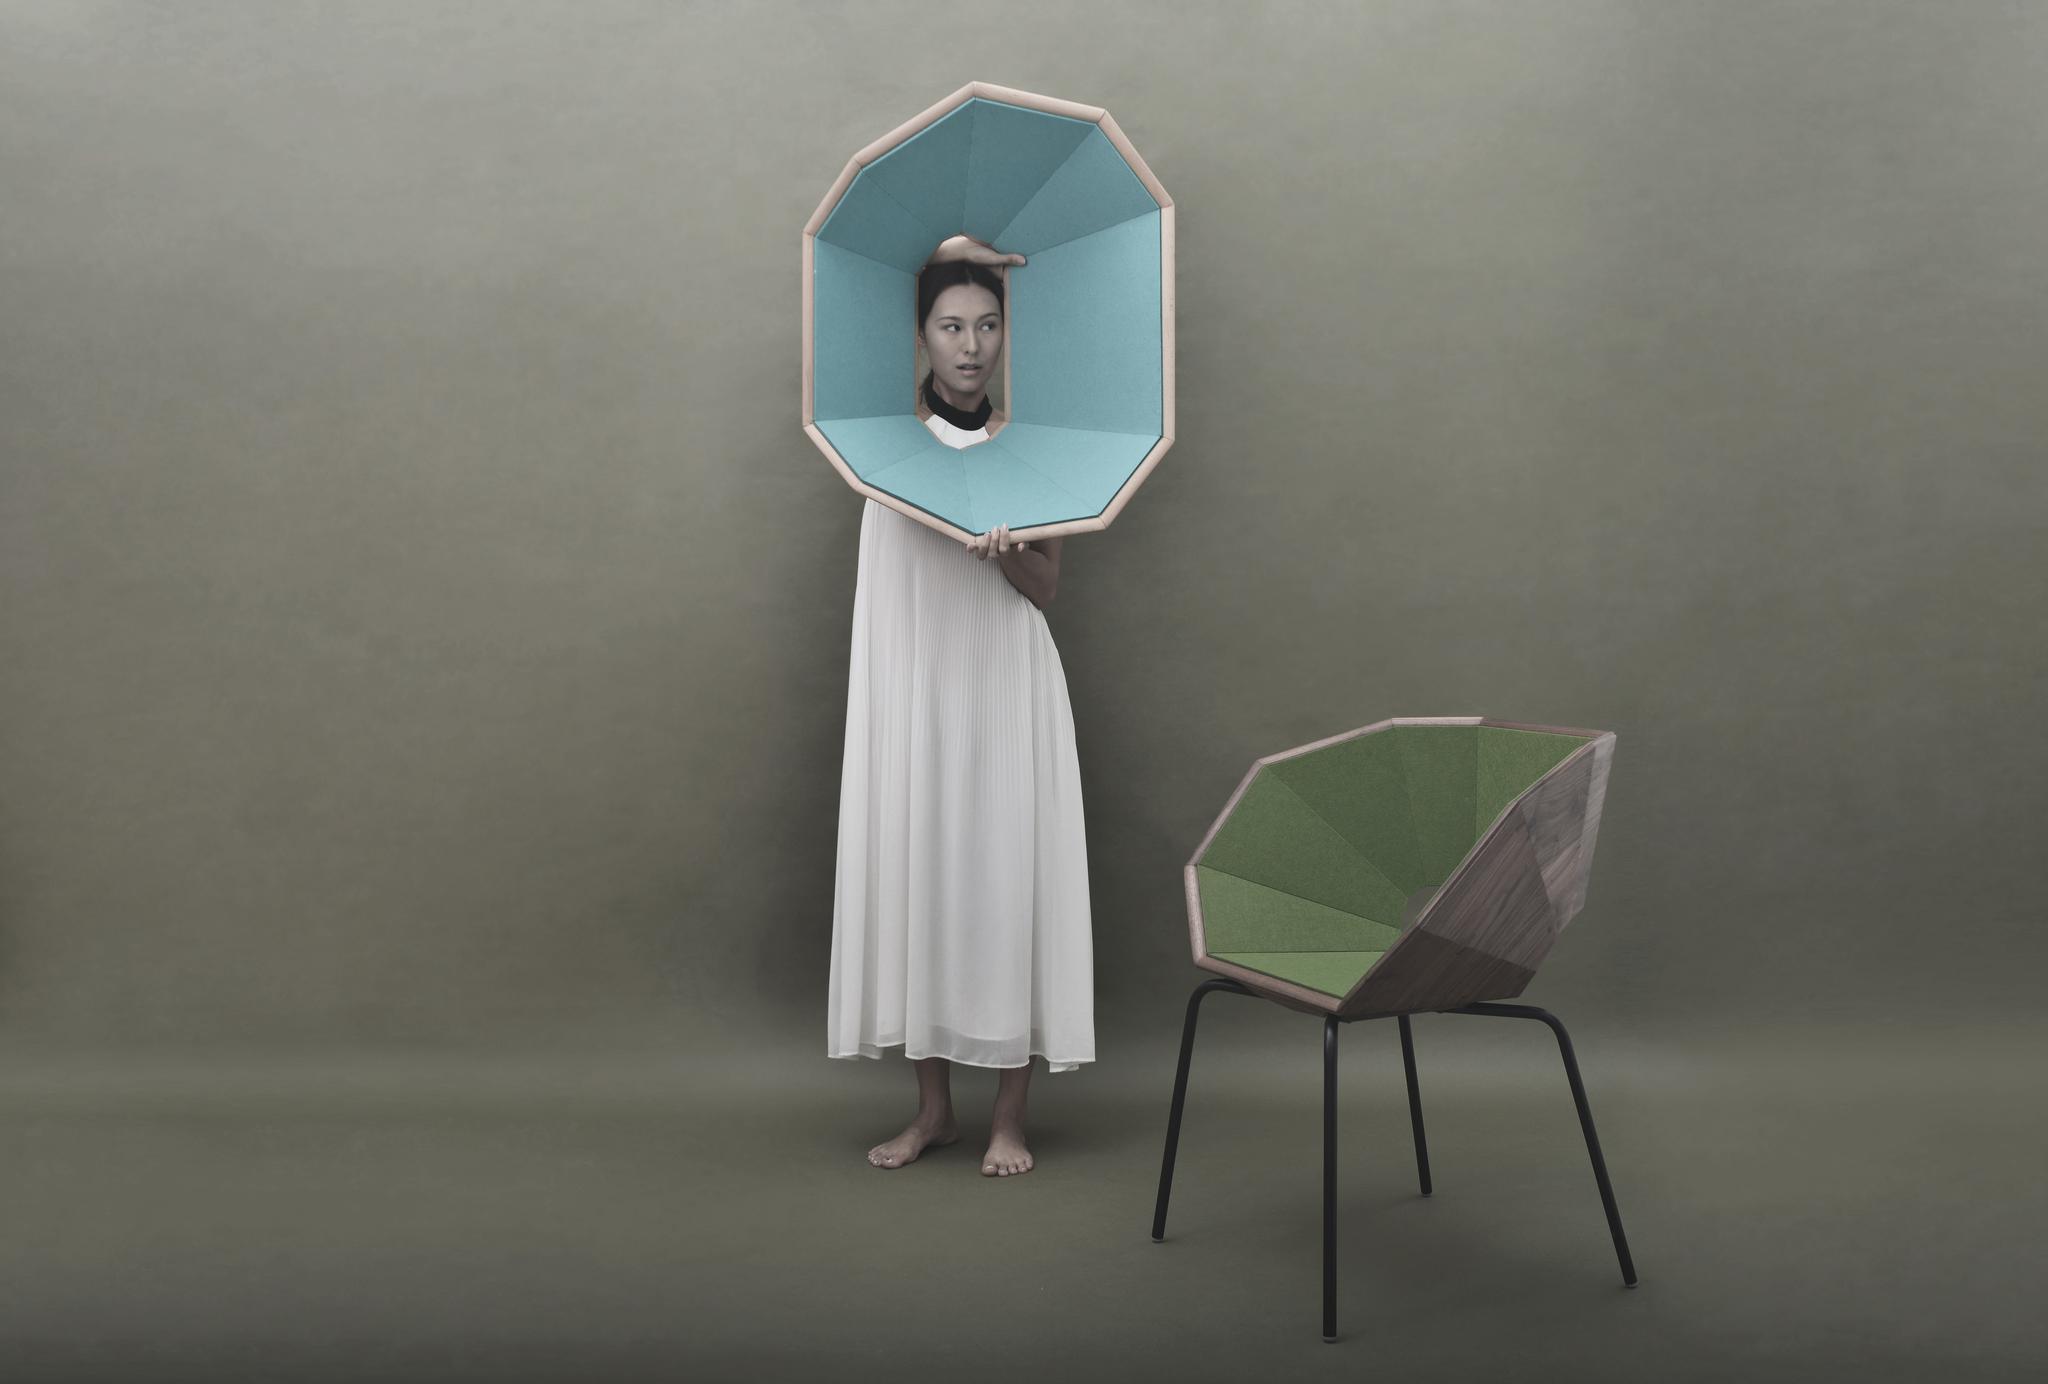 杨明洁设计作品:羊舍榫卯的重构扶手椅 2017年